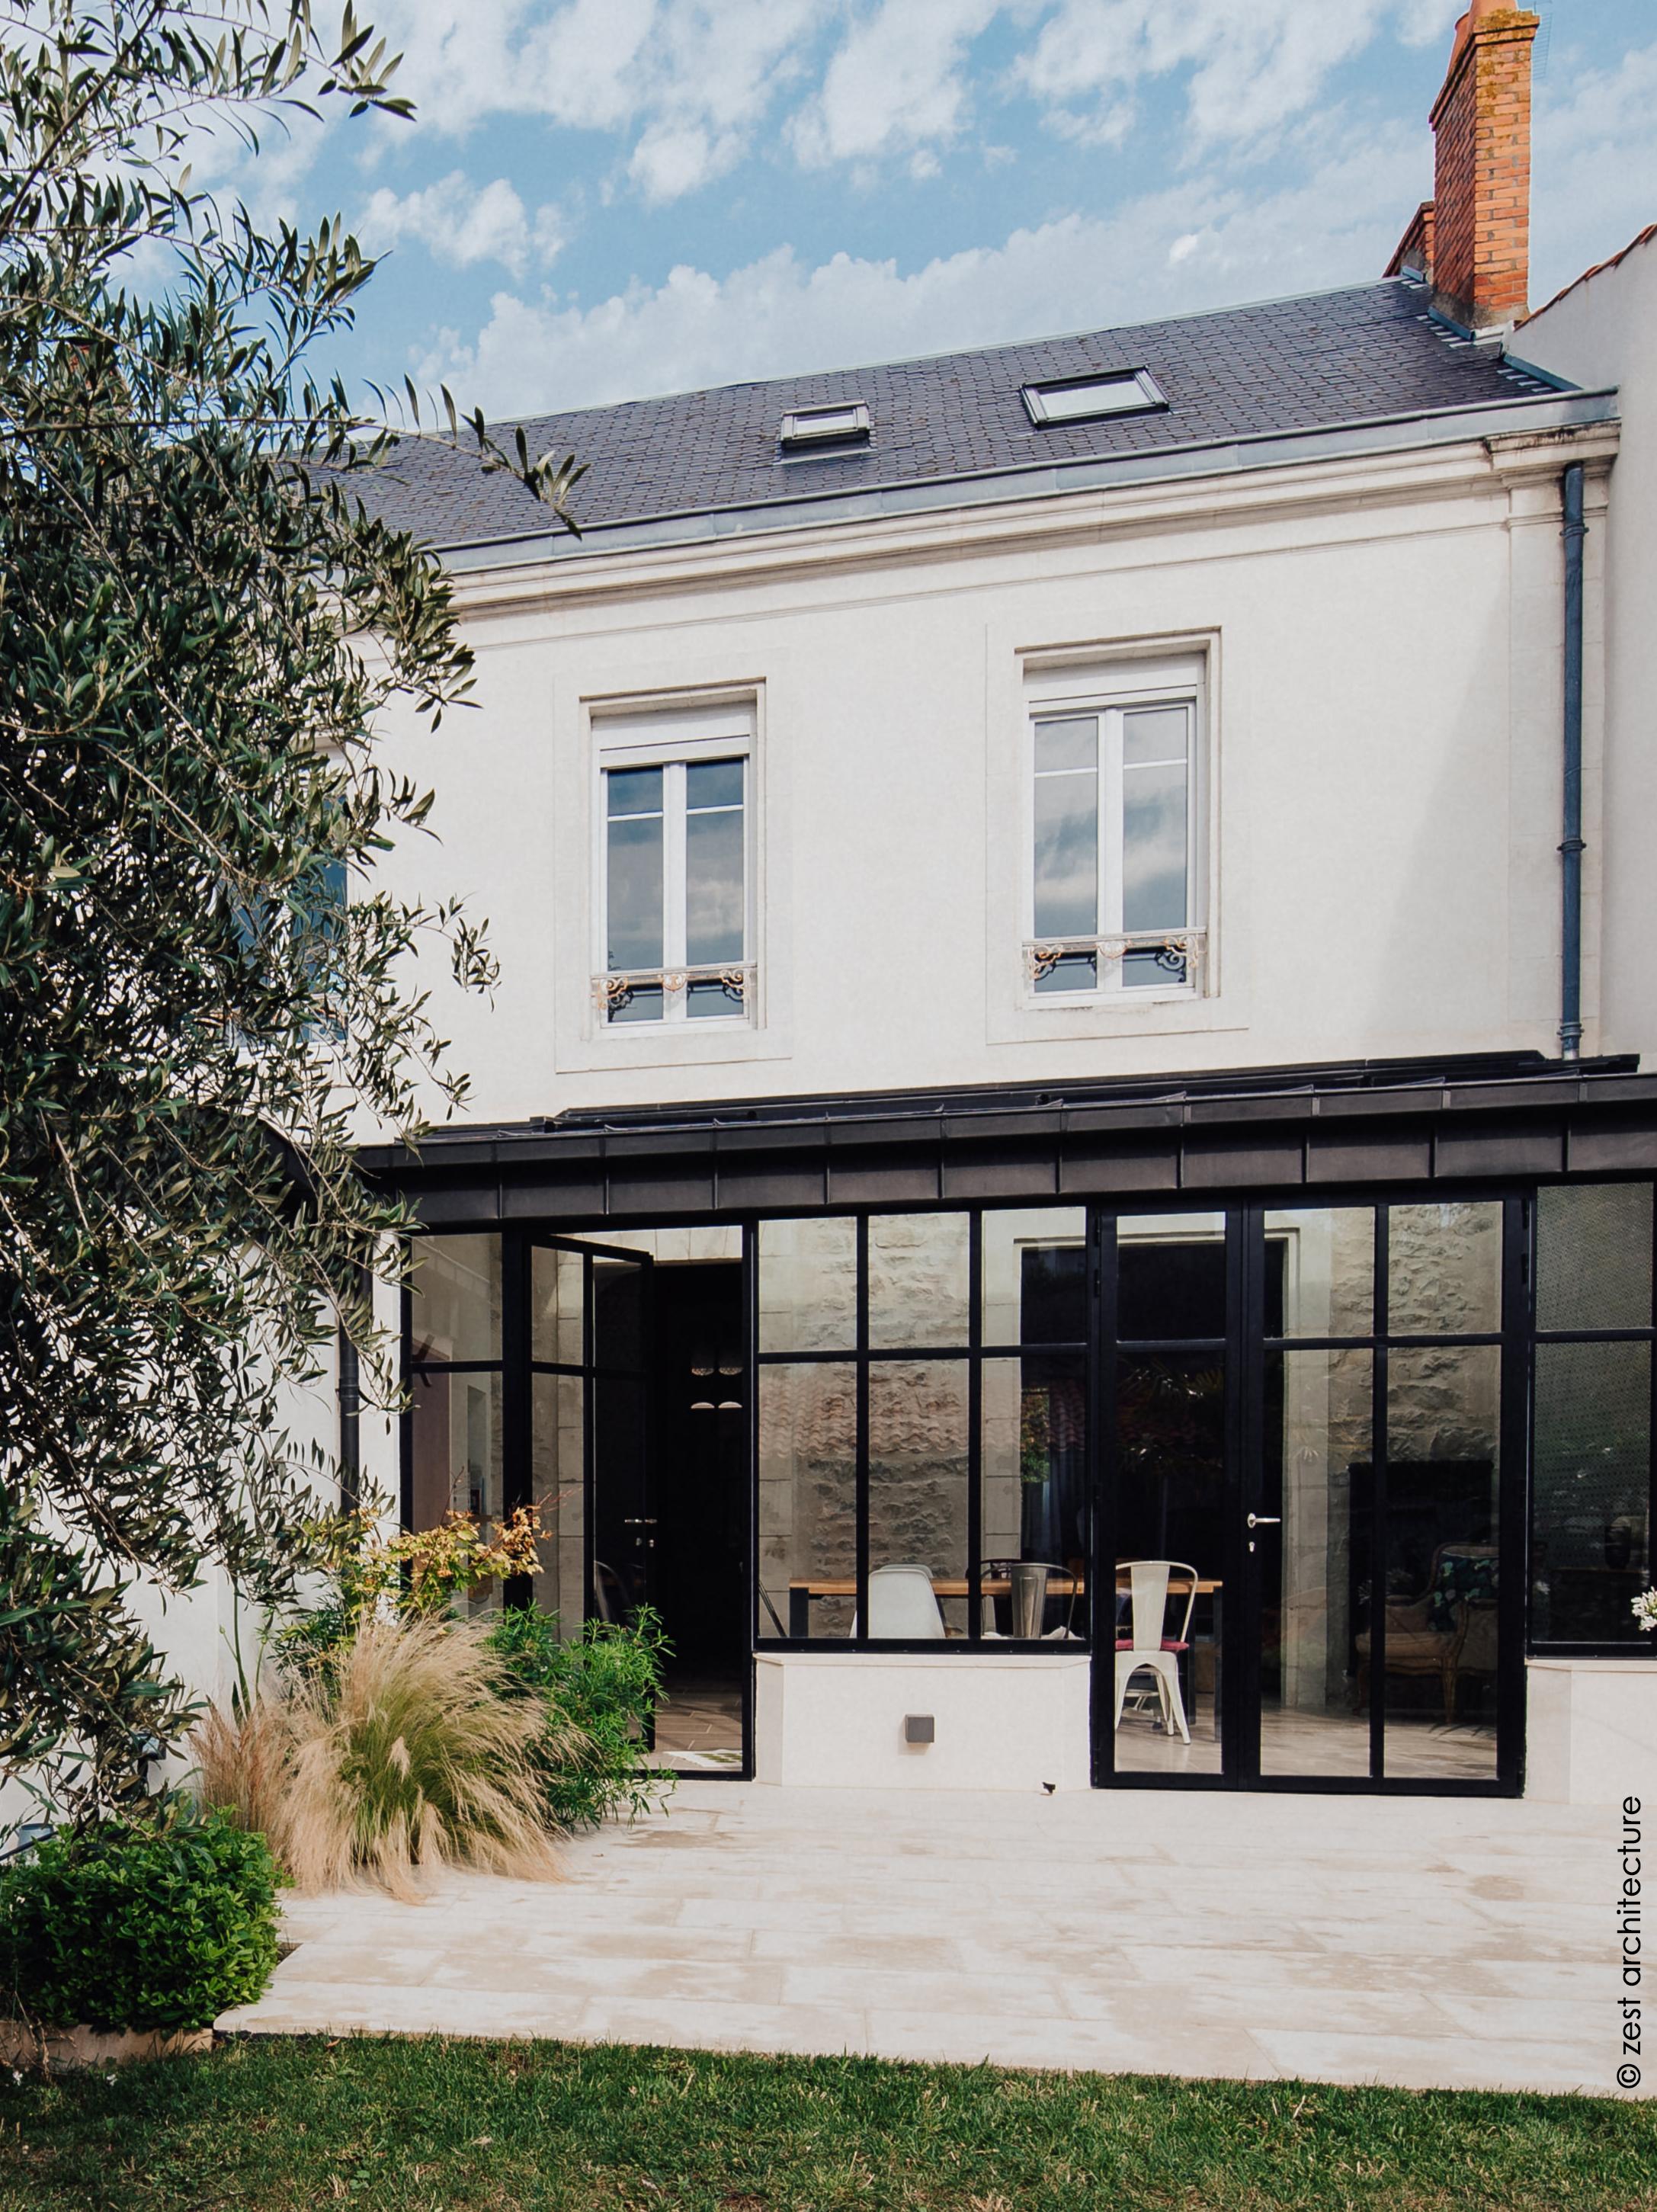 Renovation D Une Maison De Ville De Caractere La Genette 17 Zest Architecture Celine Jean Delaune Architecte La Rochelle Architecte Ile De Rezest Architecture Celine